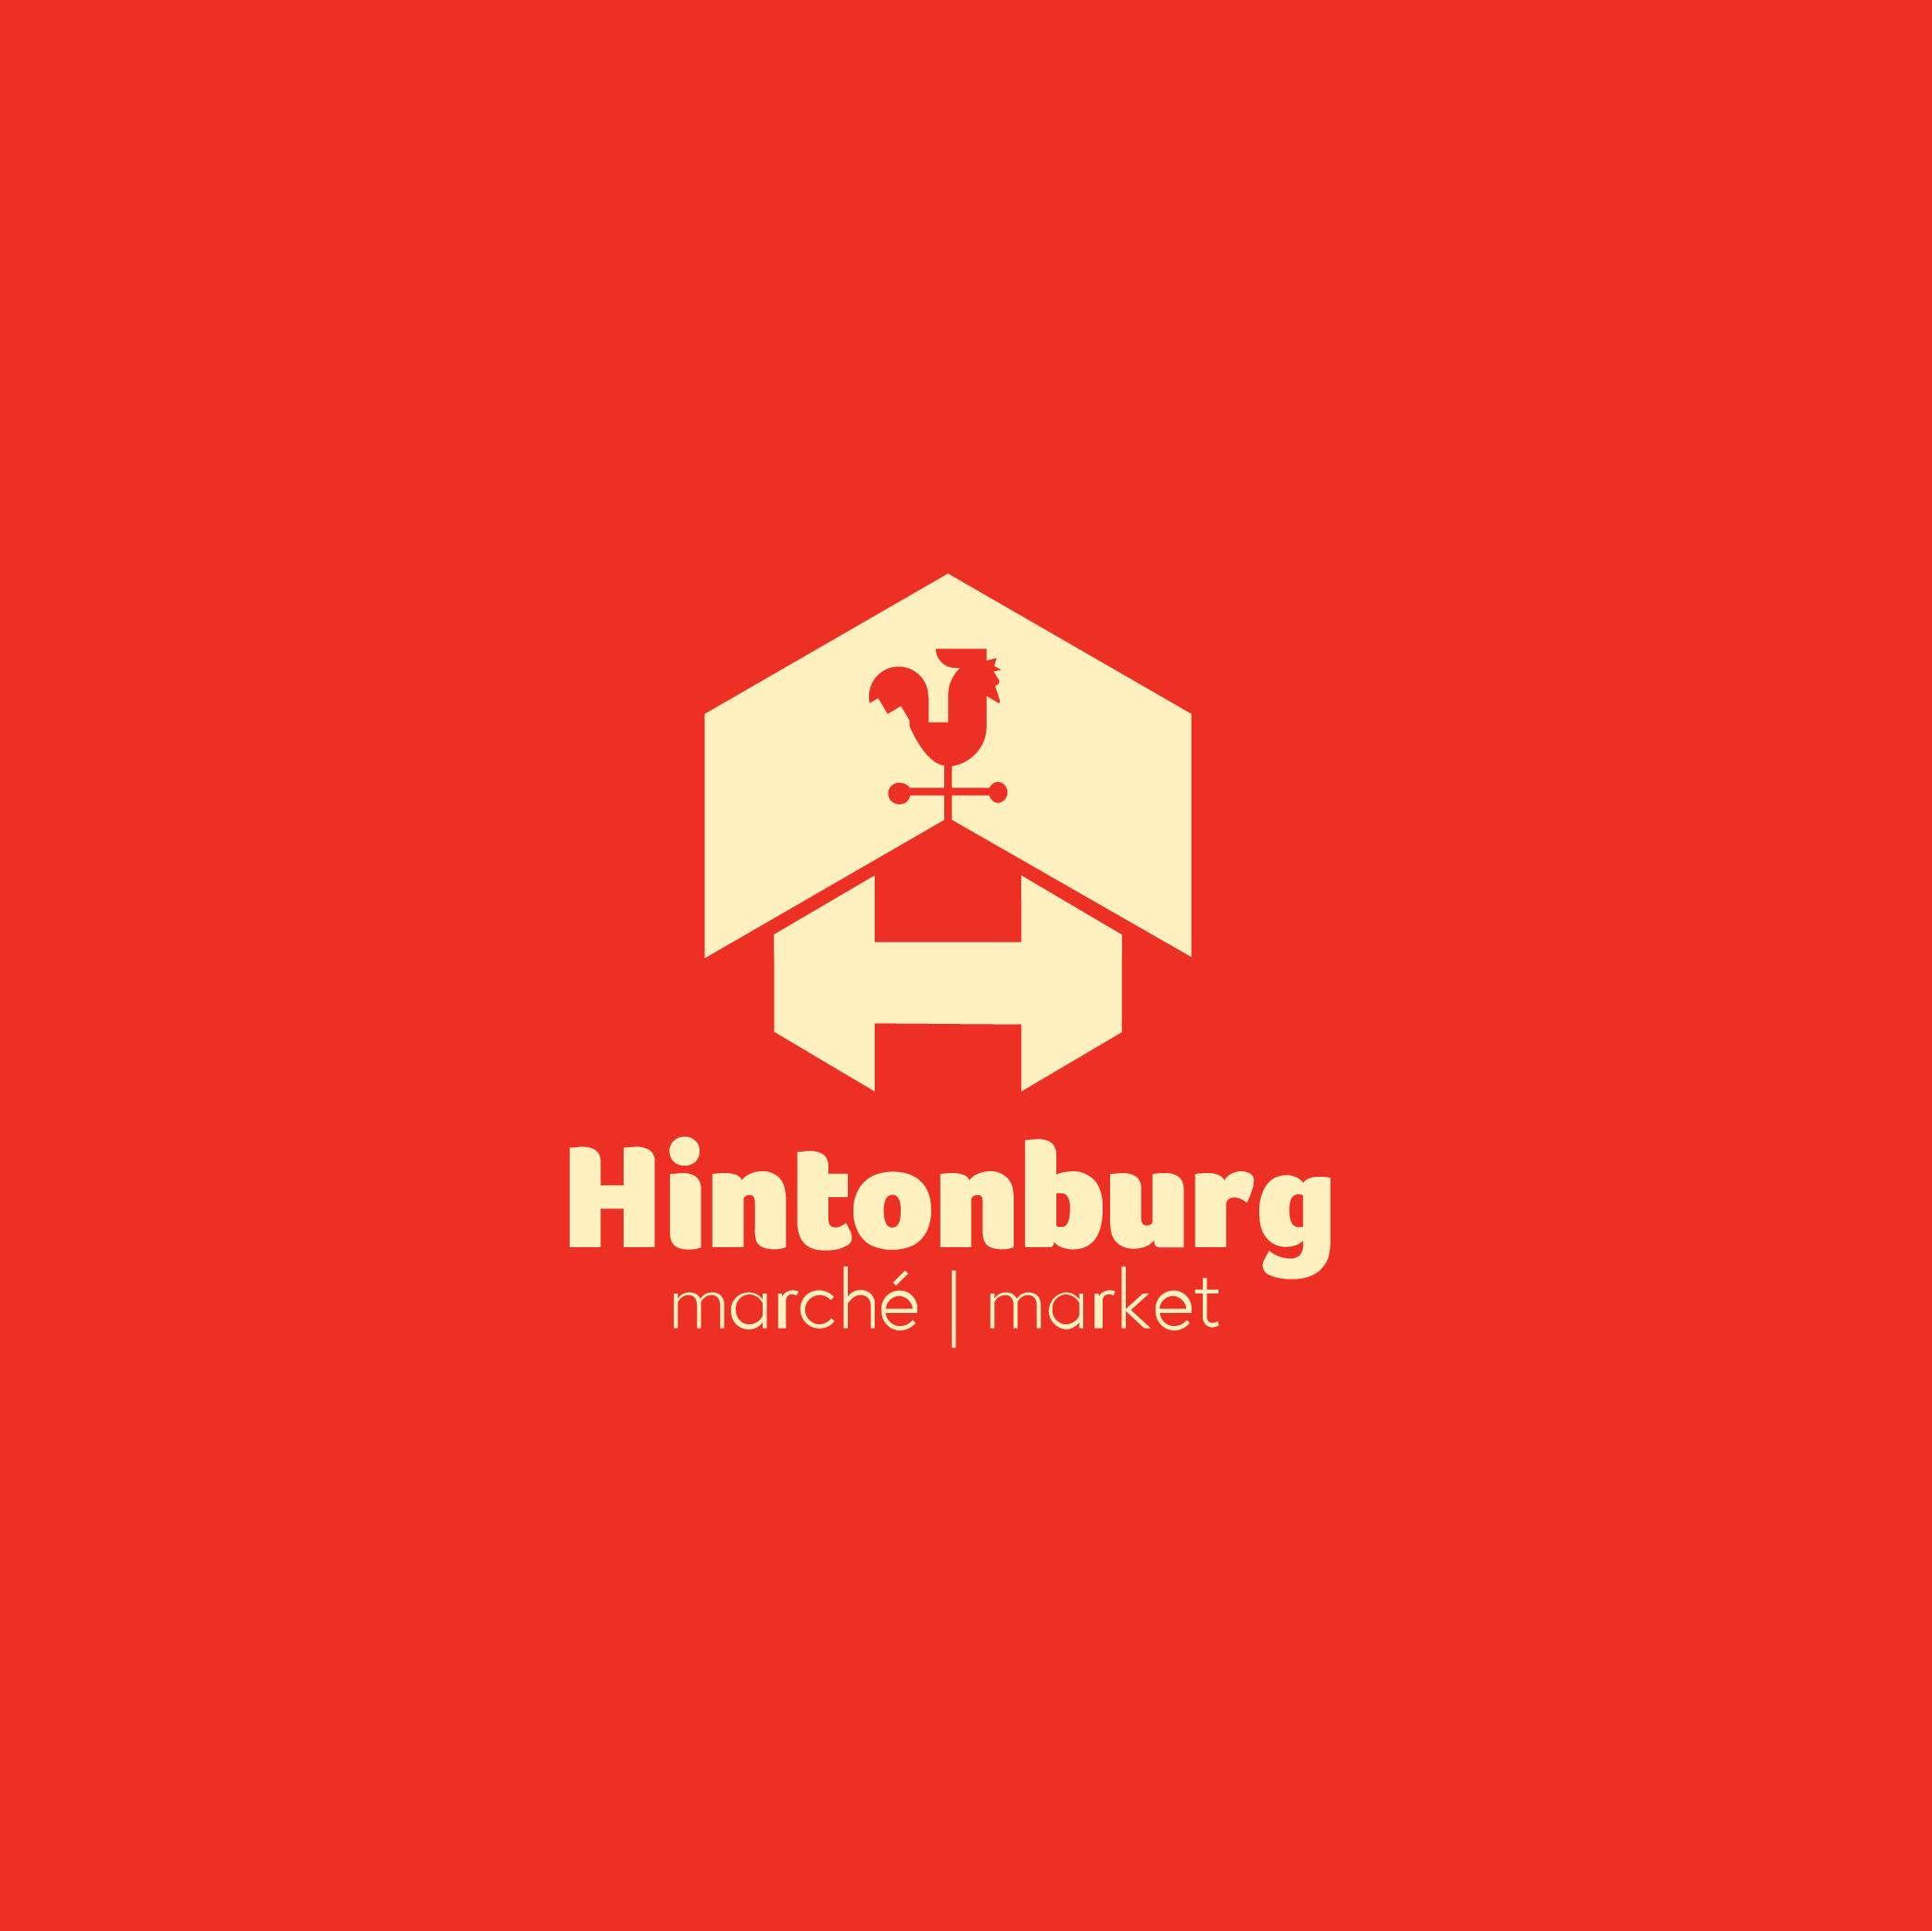 Hintonburg logo design